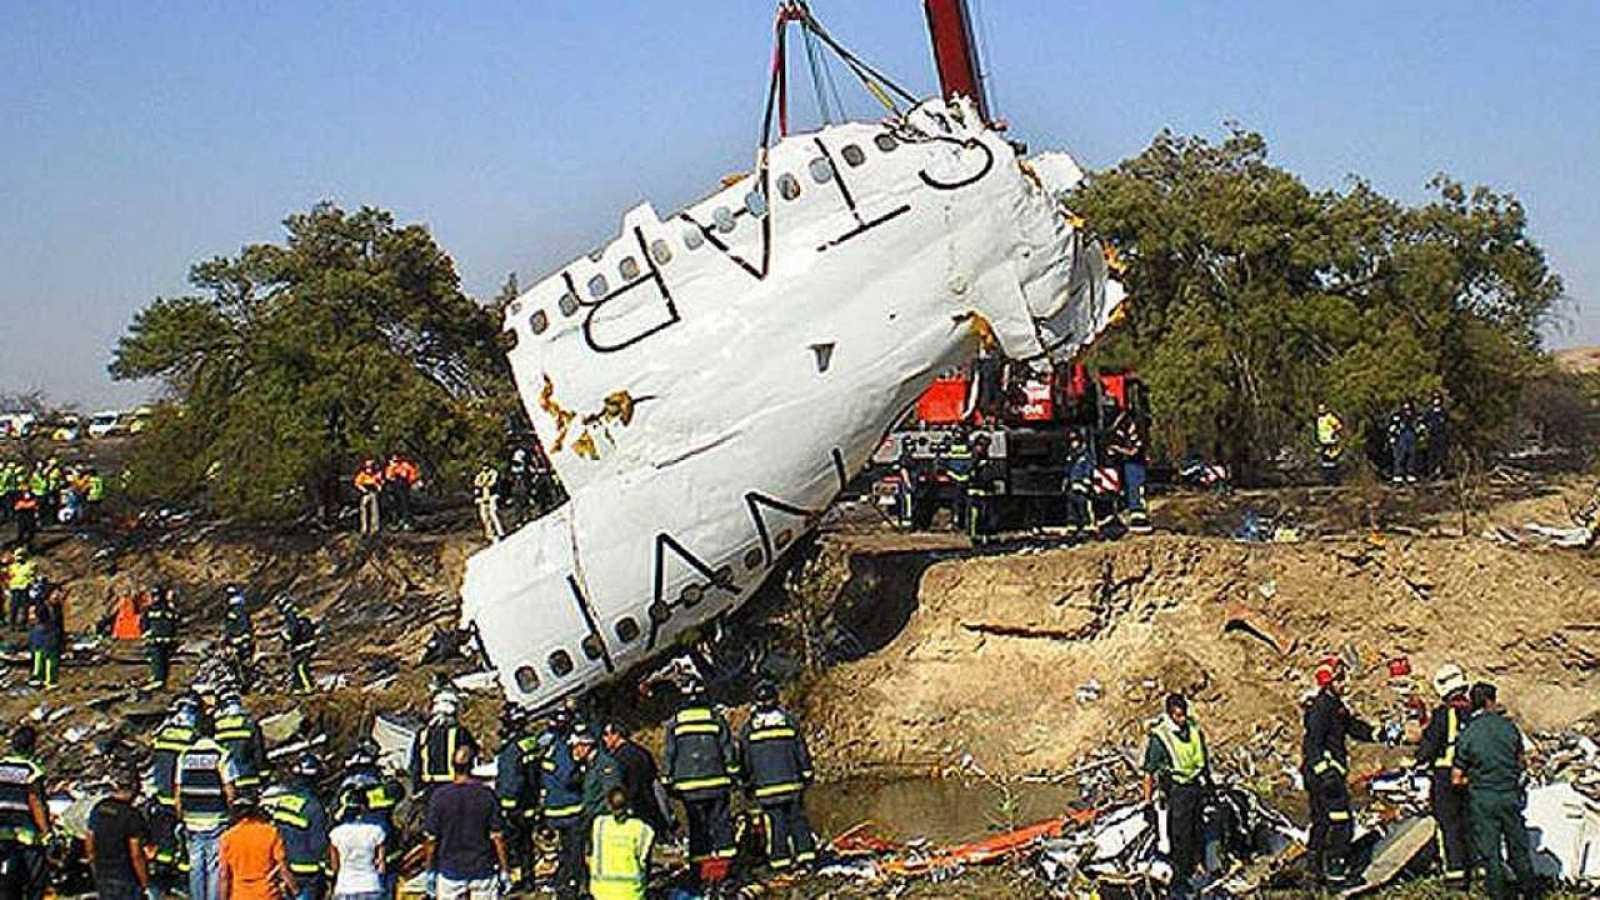 Accidente de Spanair en Barajoas el 20 de agosto de 2008